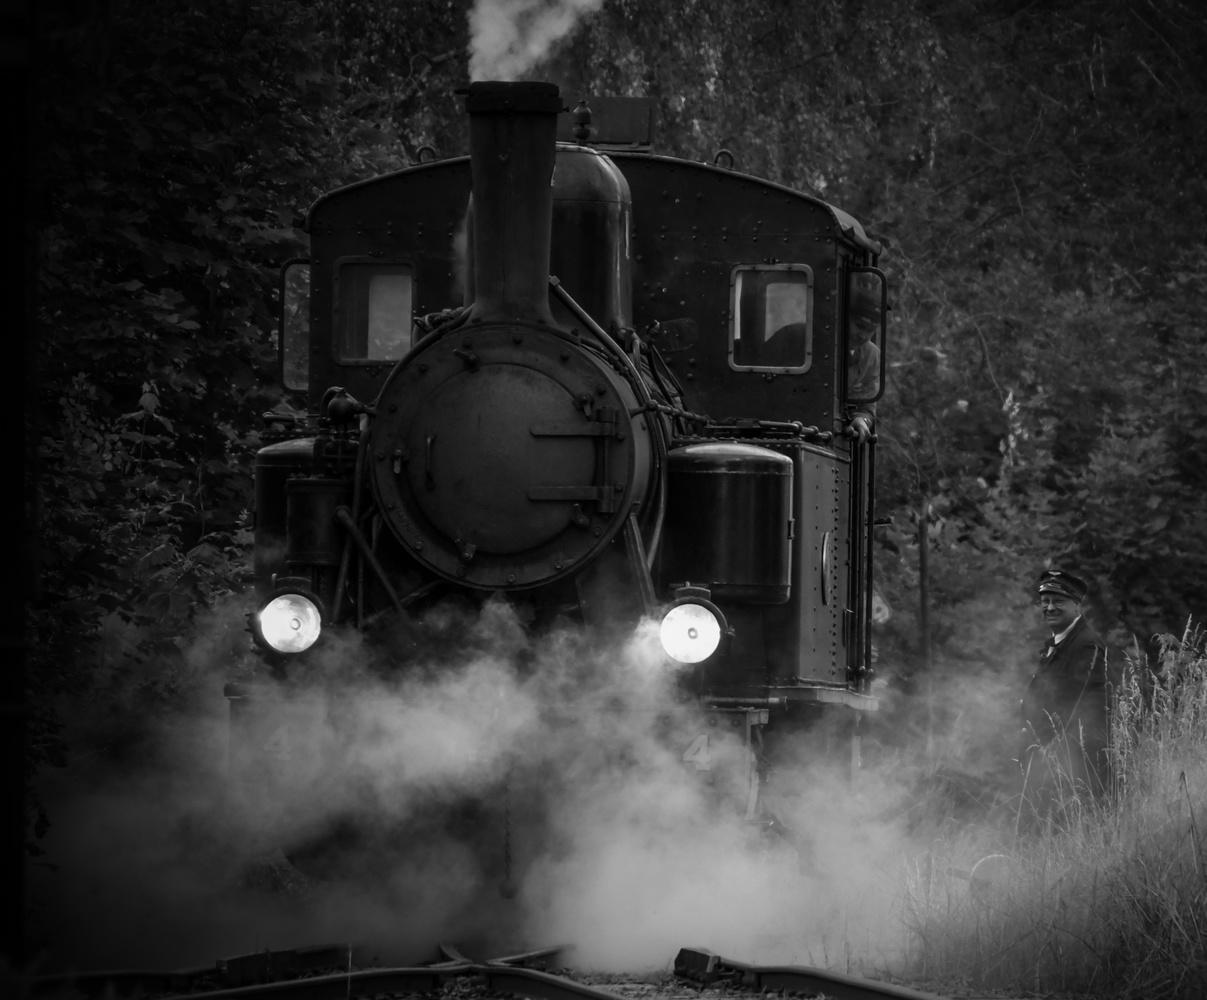 Steam train by Daniel Beckman